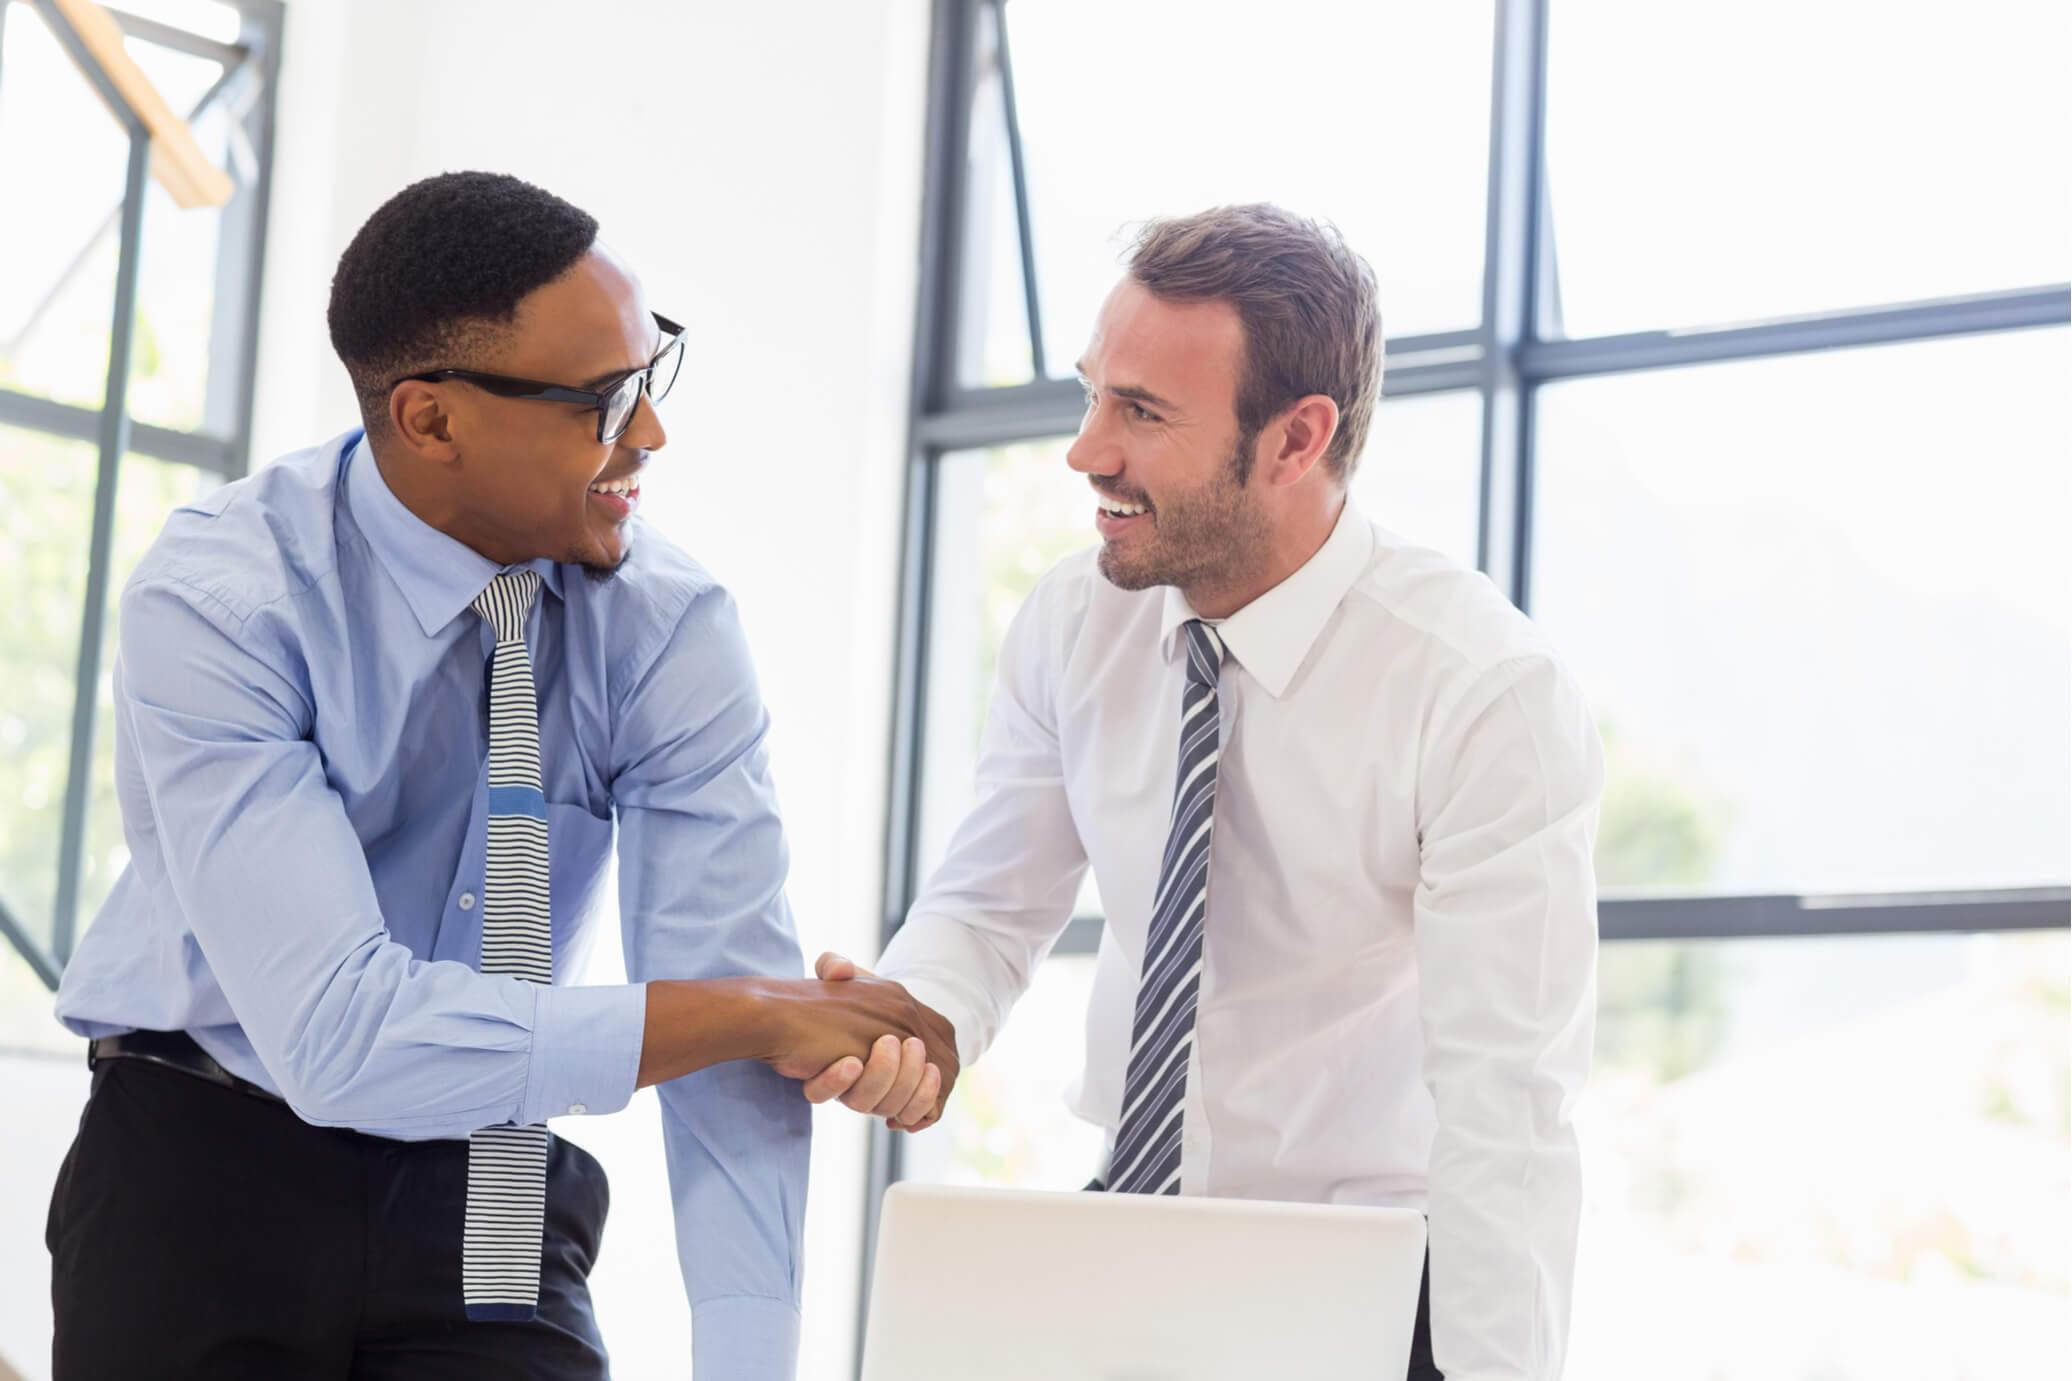 come trovare lavoro recruiter domande